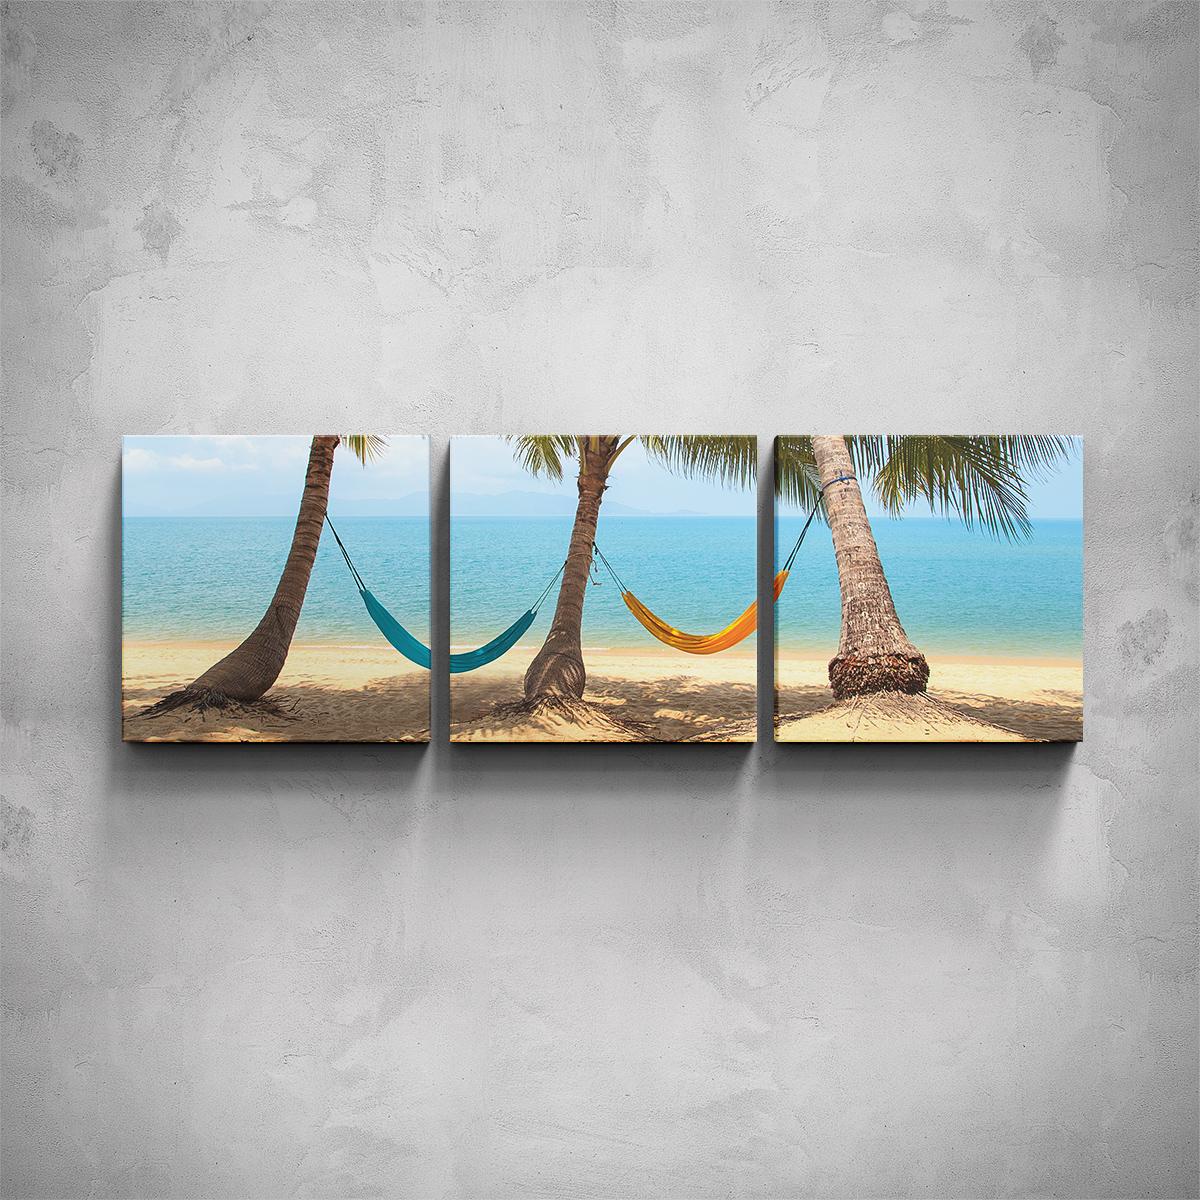 3-dílný obraz - Houpací sítě na pláži - PopyDesign